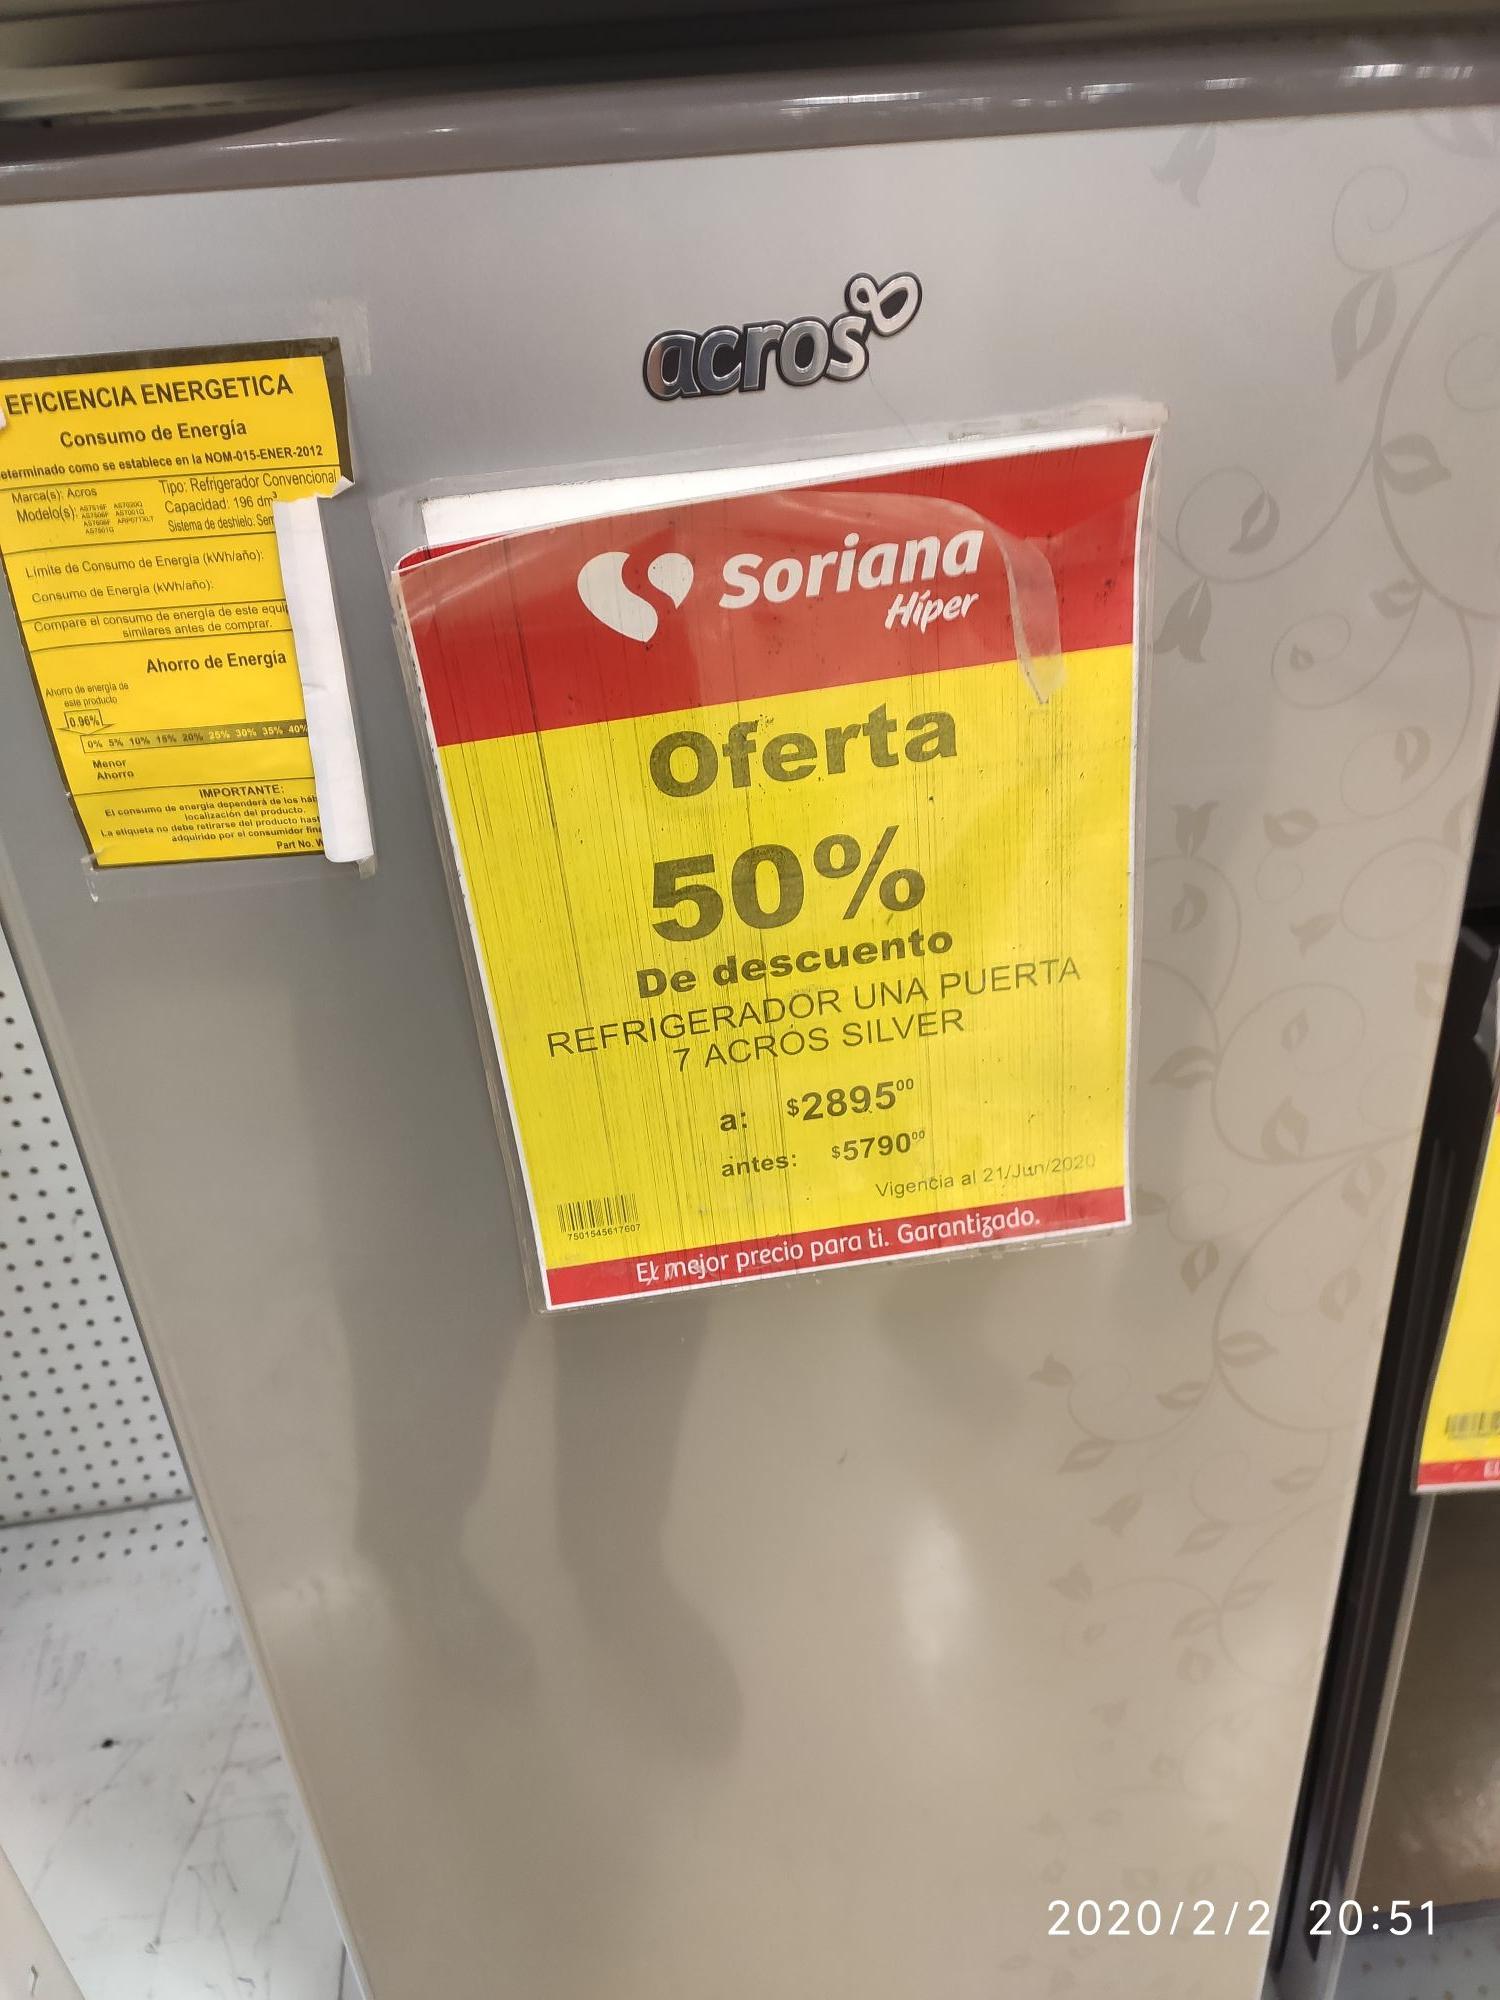 Soriana: Refrigerador acros 7 pies 50%